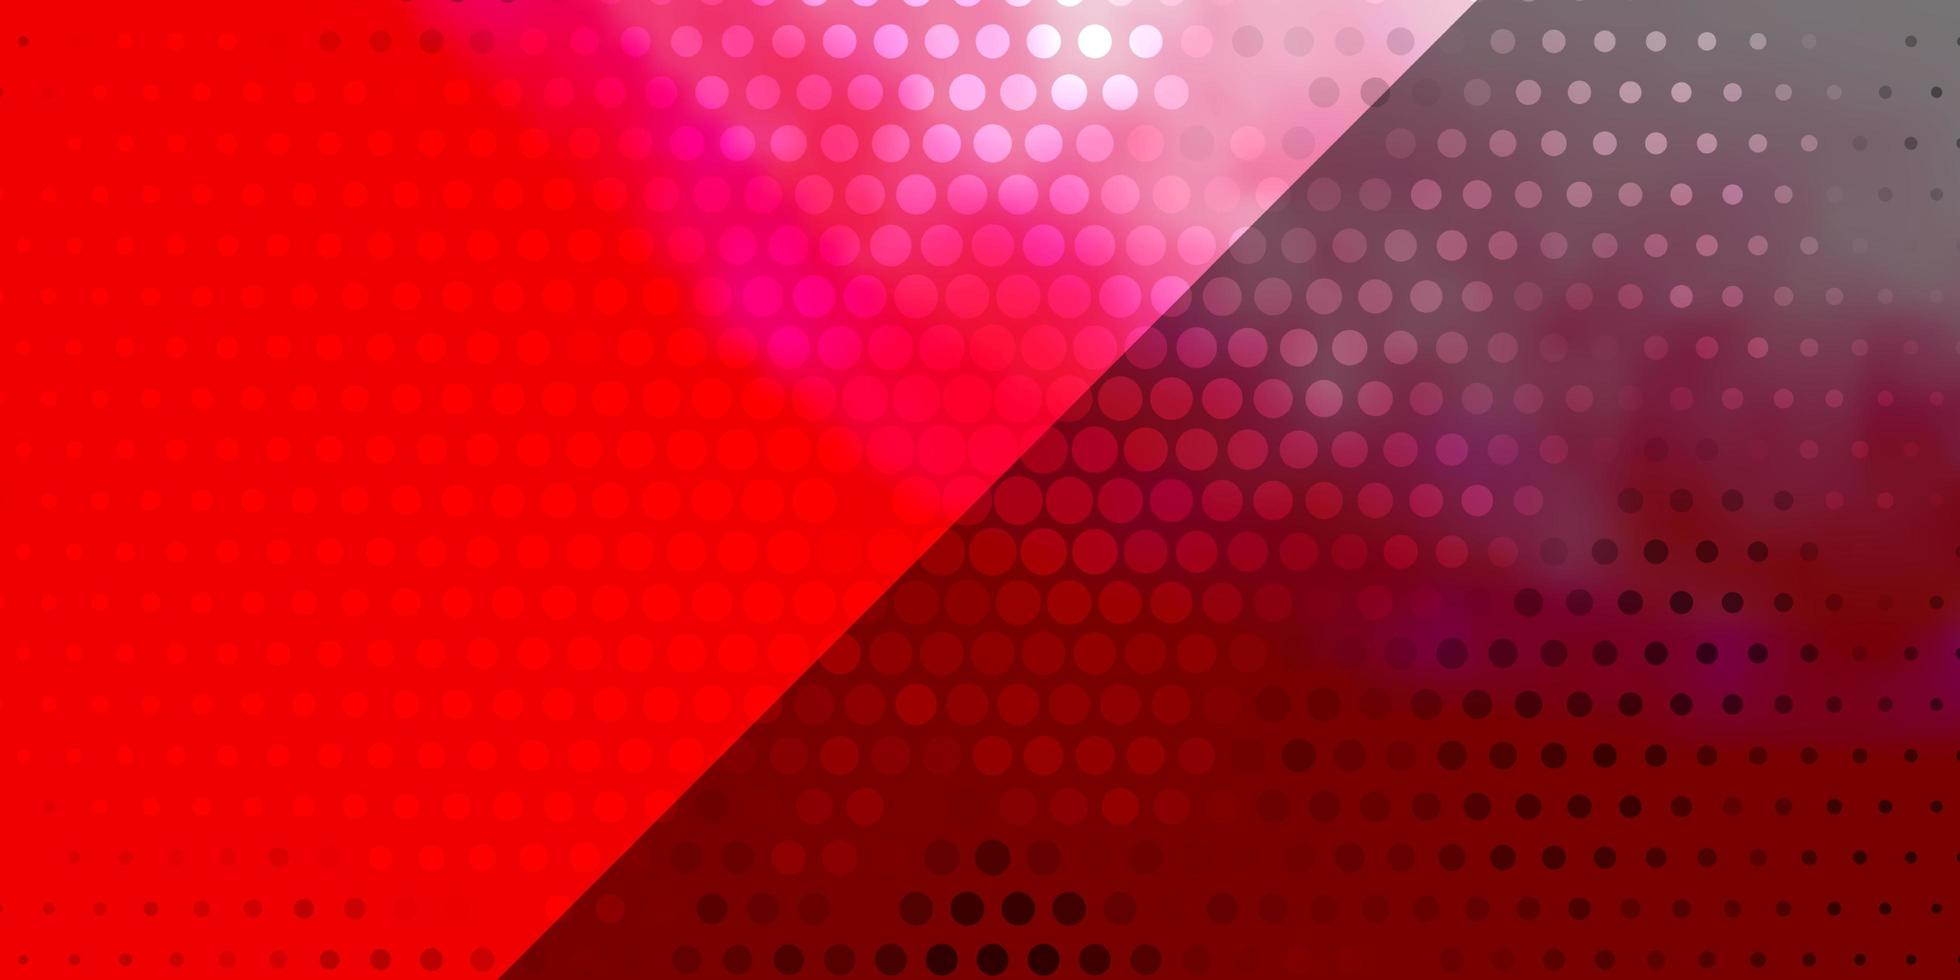 ljusröd vektorbakgrund med cirklar. vektor